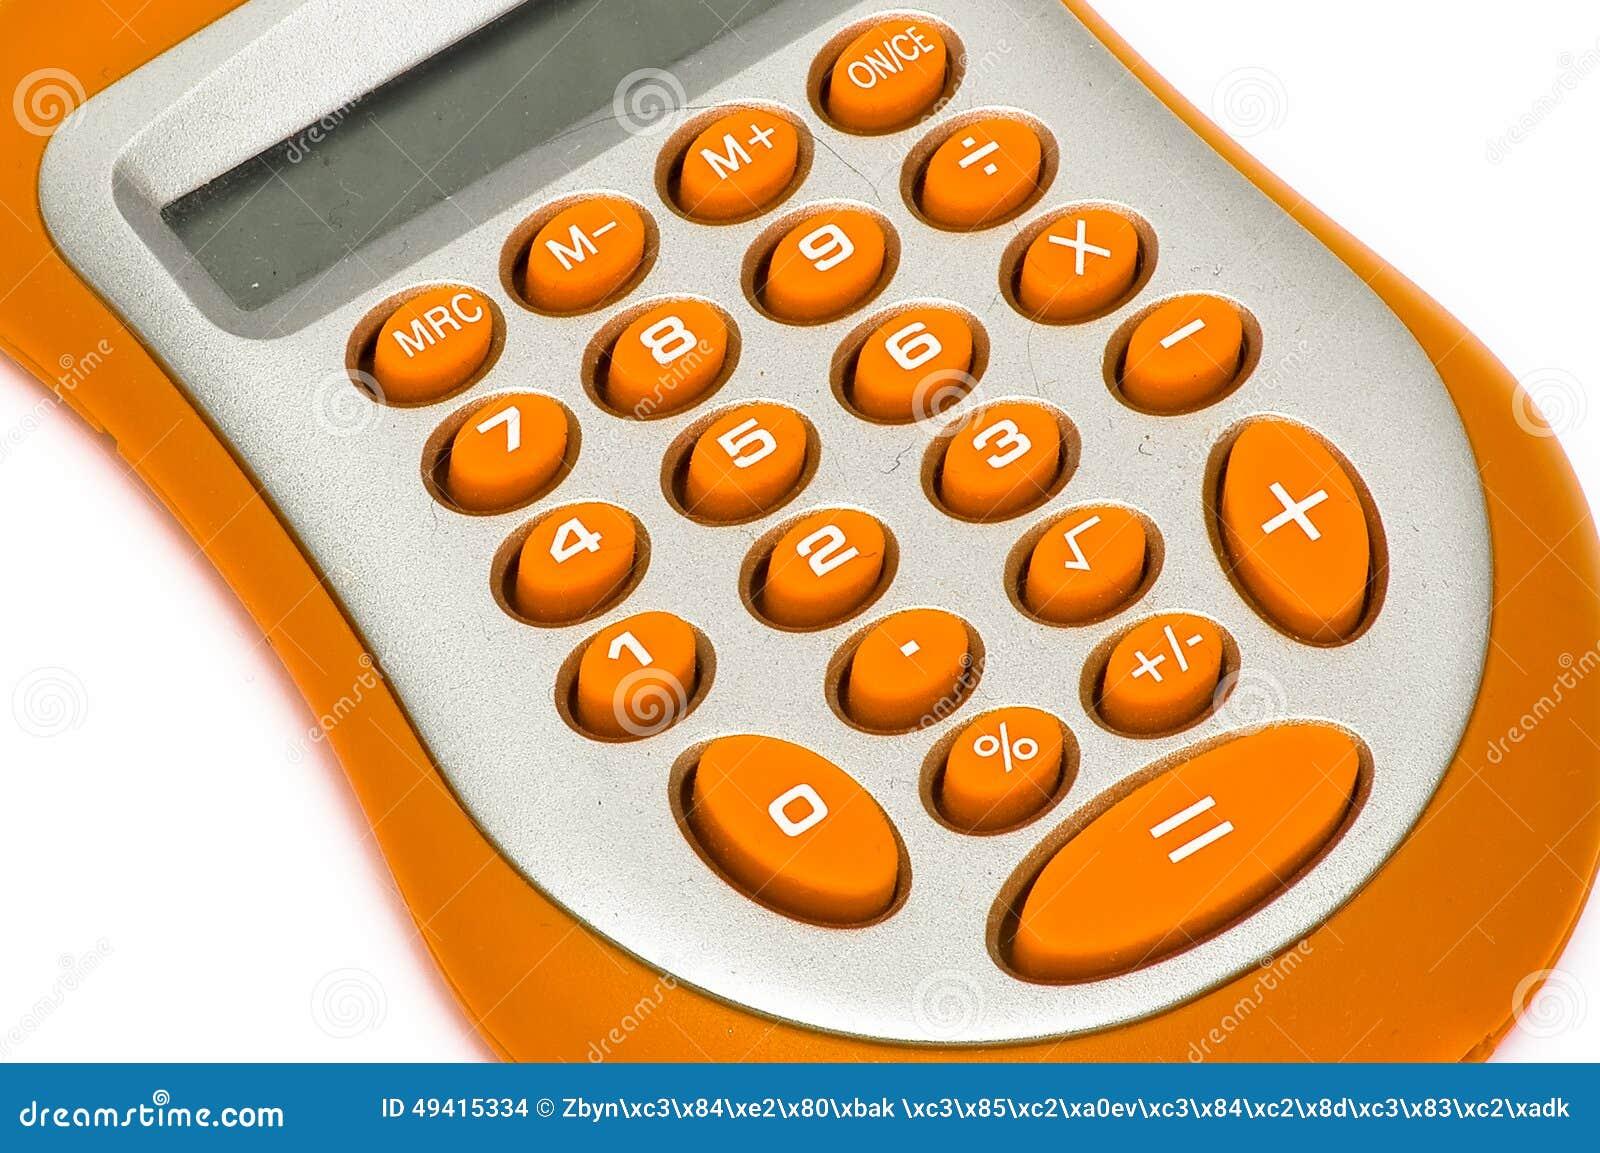 Download Rechner stockfoto. Bild von mathematik, elektronik, technologie - 49415334